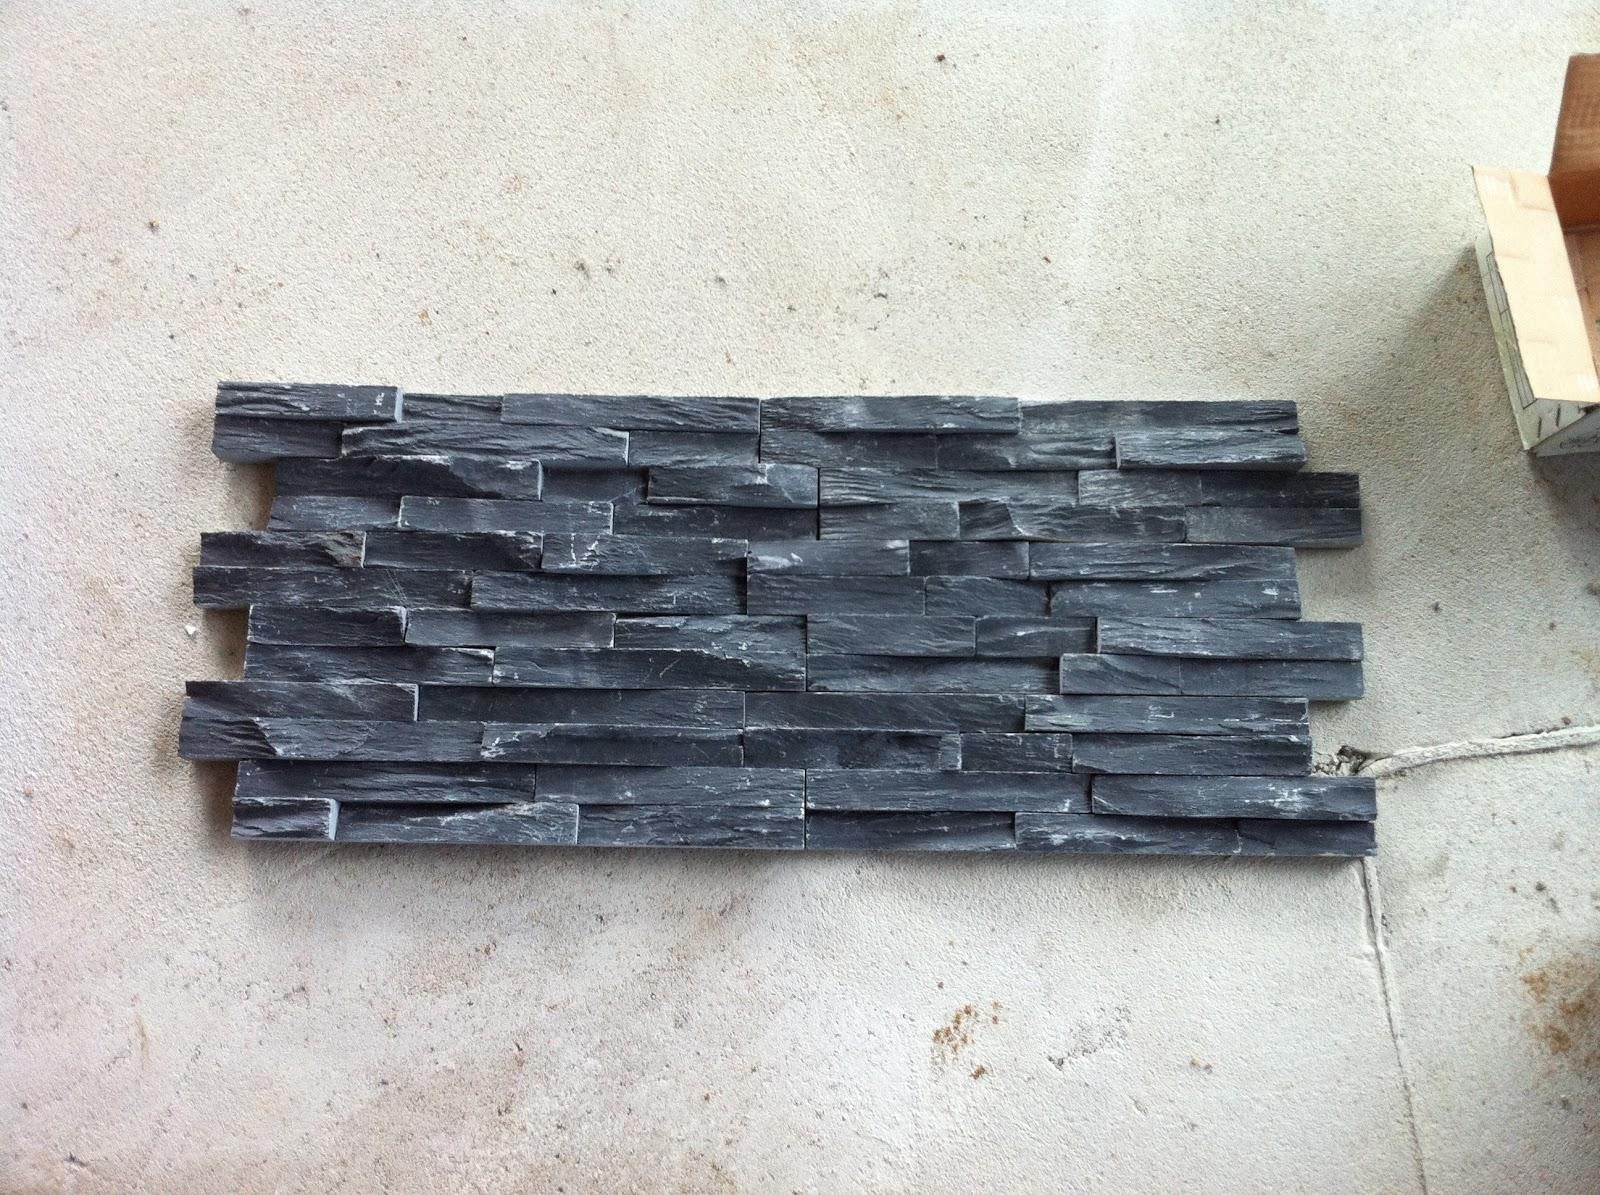 natursteinwand wohnzimmer. Black Bedroom Furniture Sets. Home Design Ideas